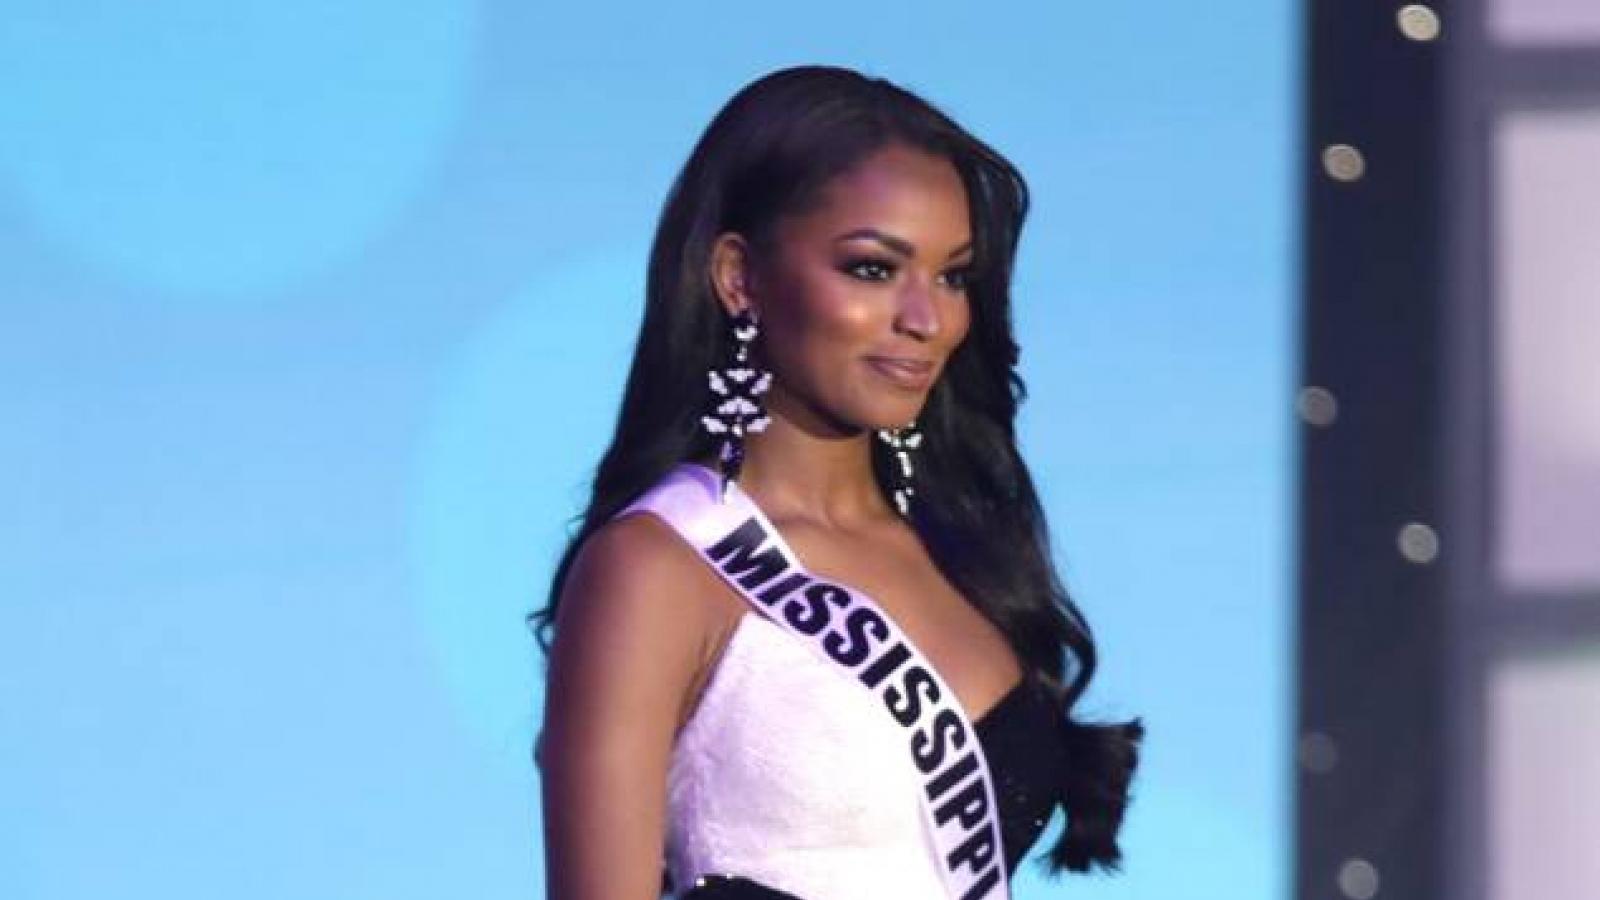 Người đẹp 22 tuổi đăng quang Hoa hậu Mỹ 2020